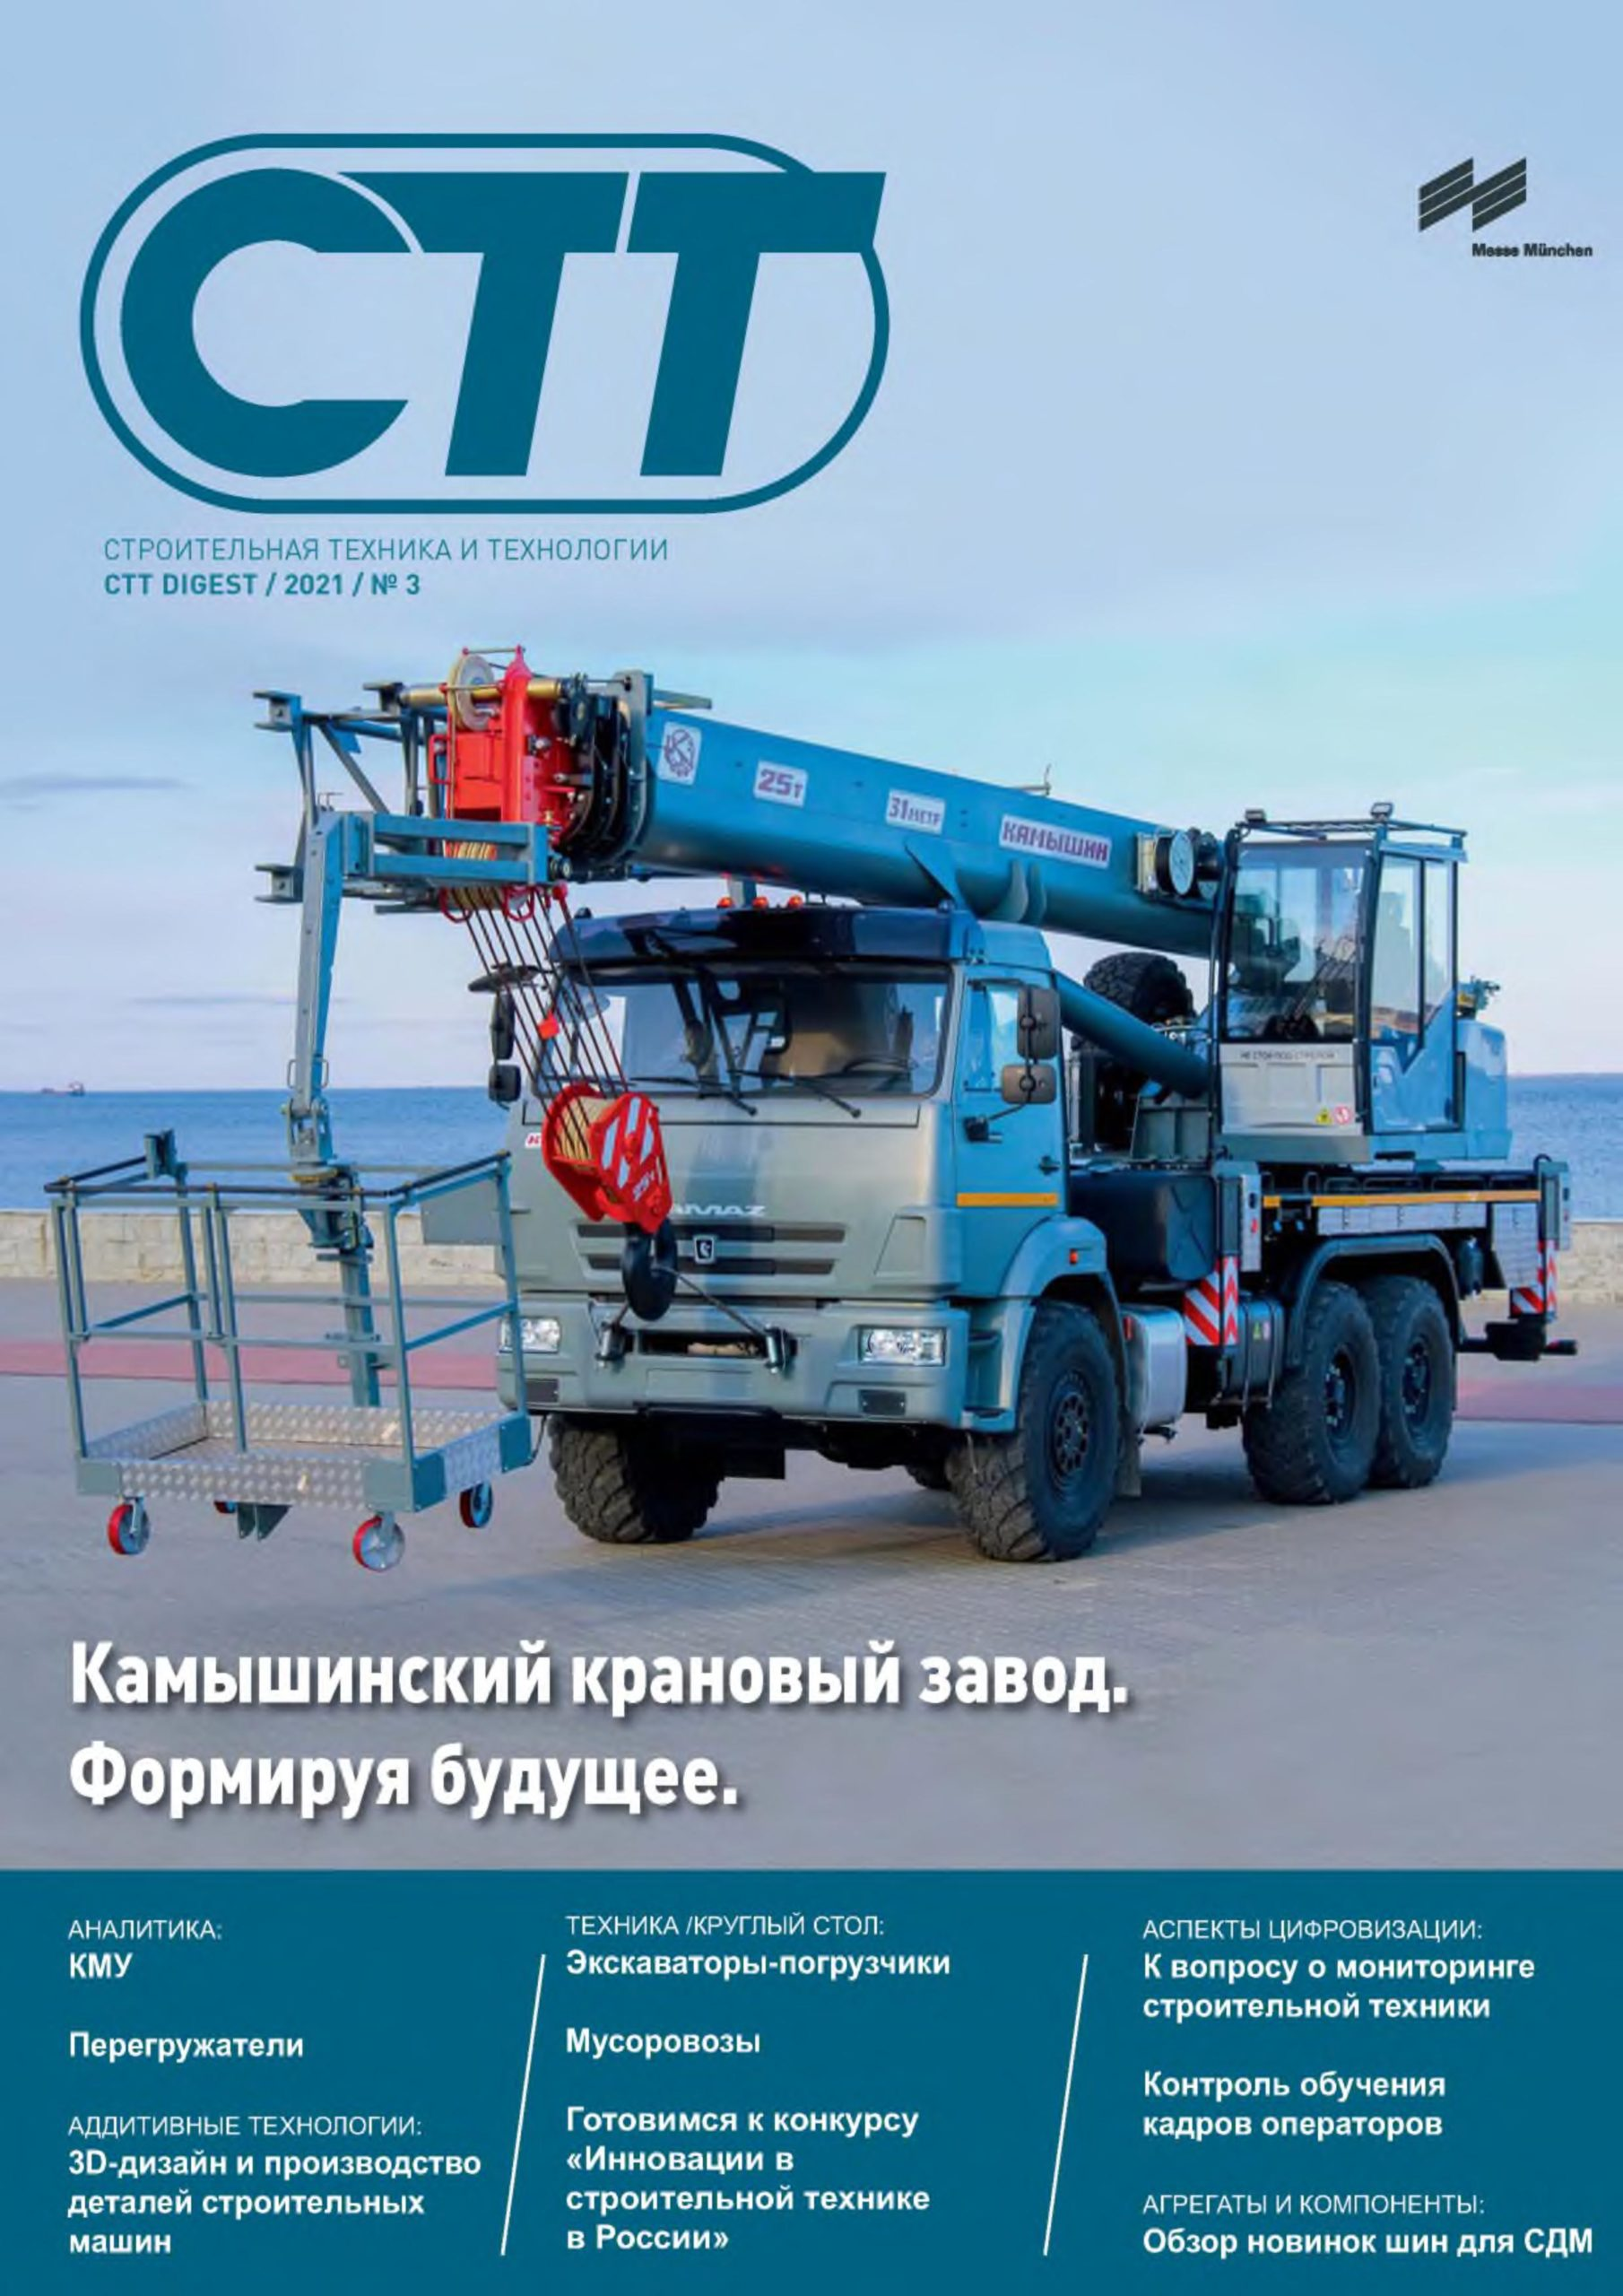 CTT Digest